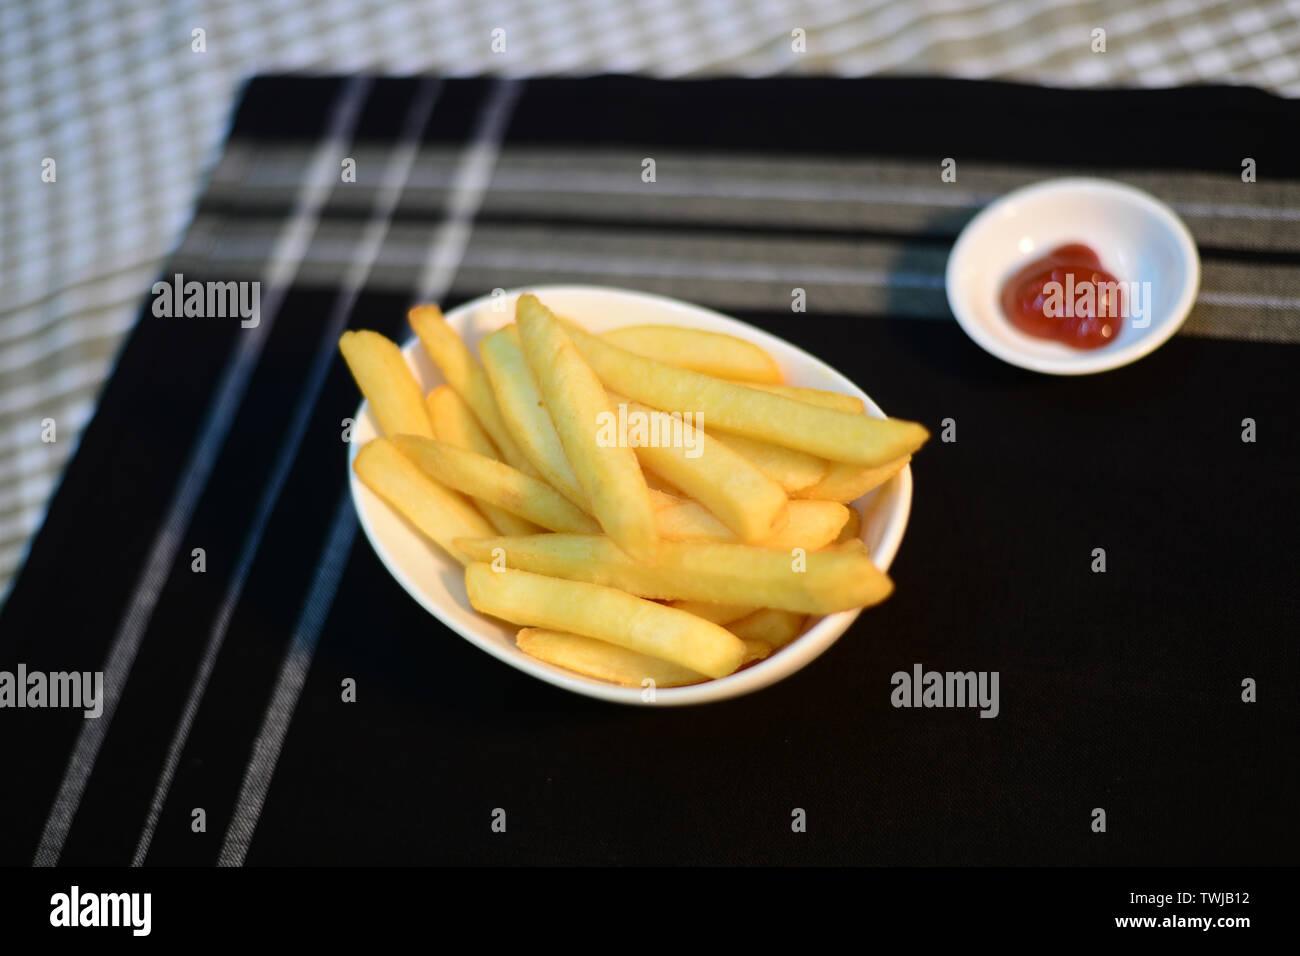 Crispy potato chips, setup nicely on table ready to serve - Stock Image